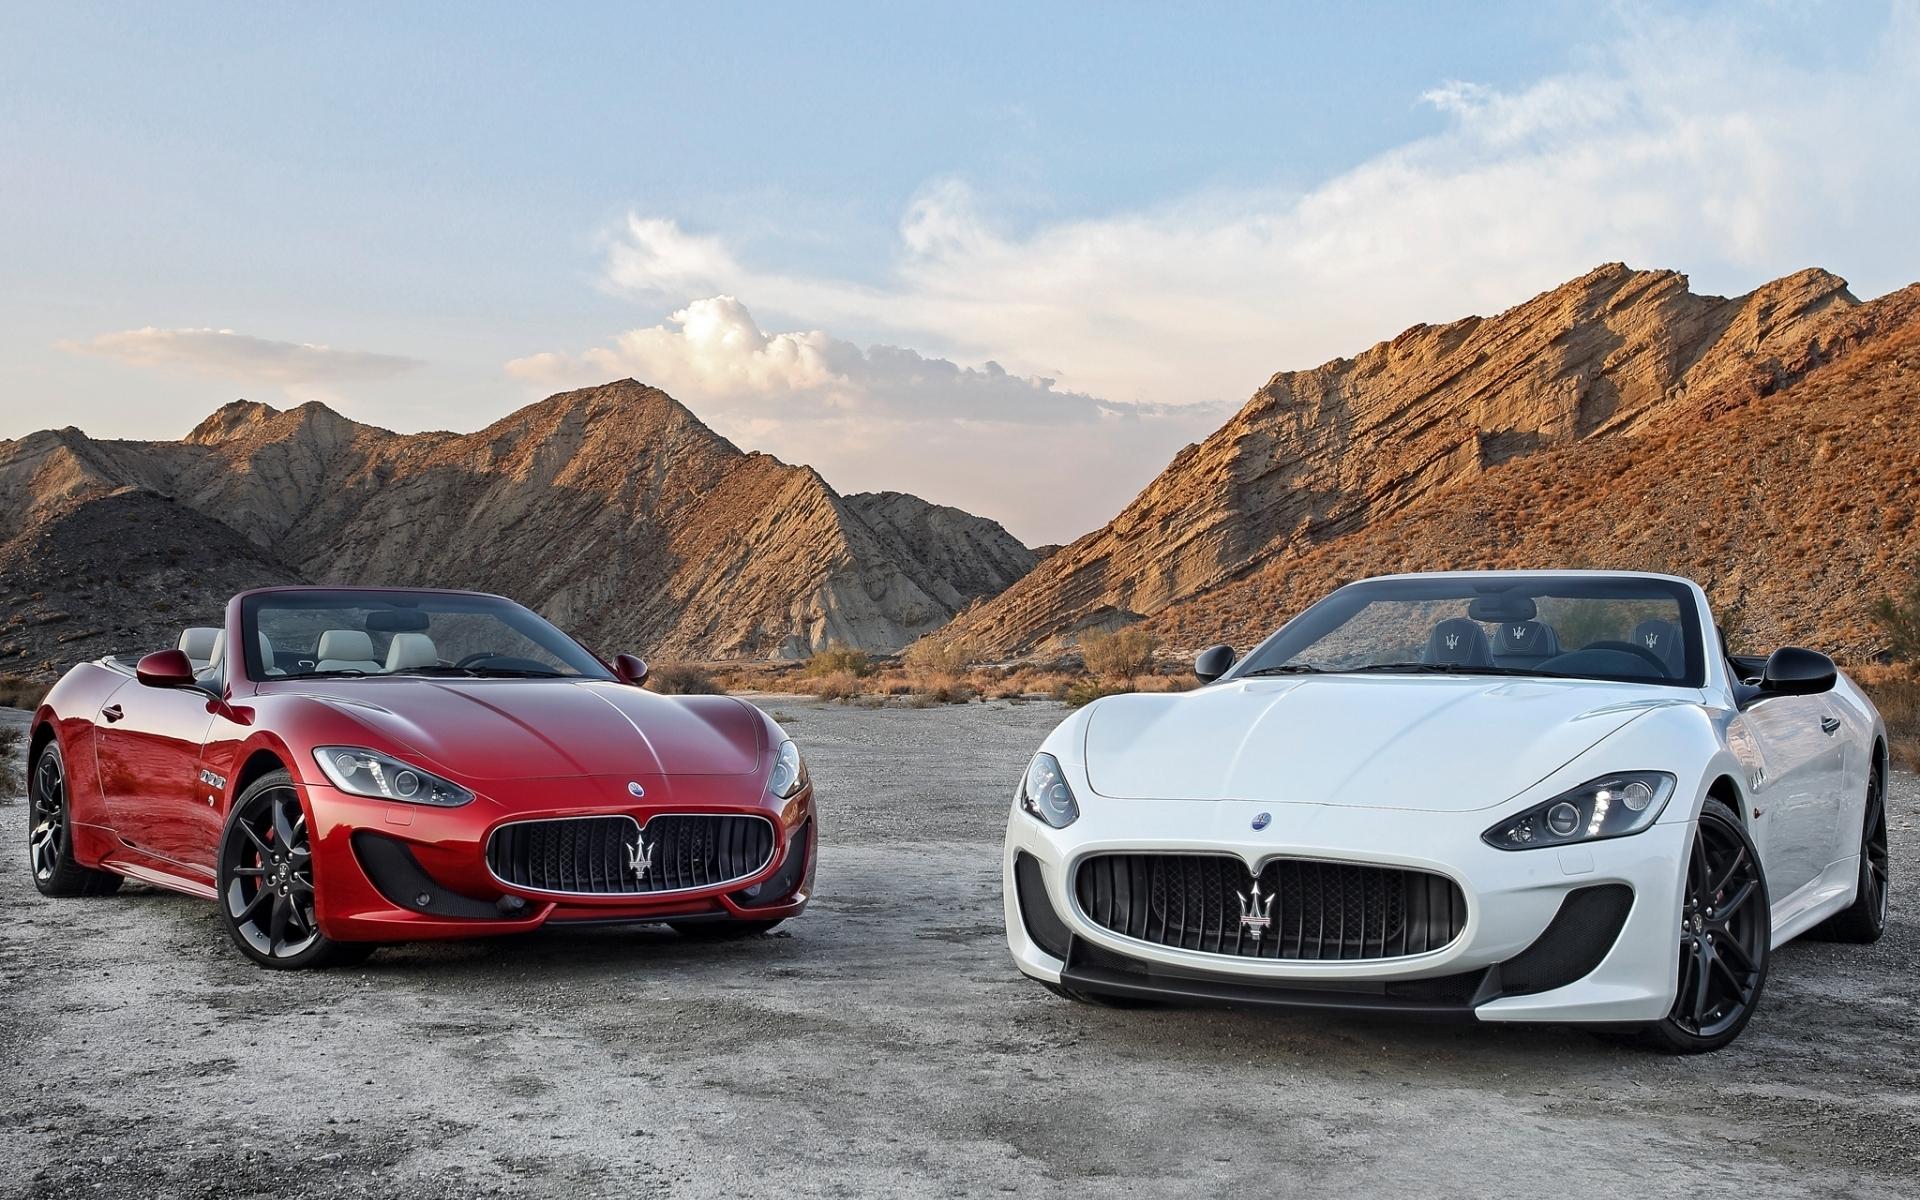 фотографии красивых машин в хорошем качестве возьмите собой минералогический